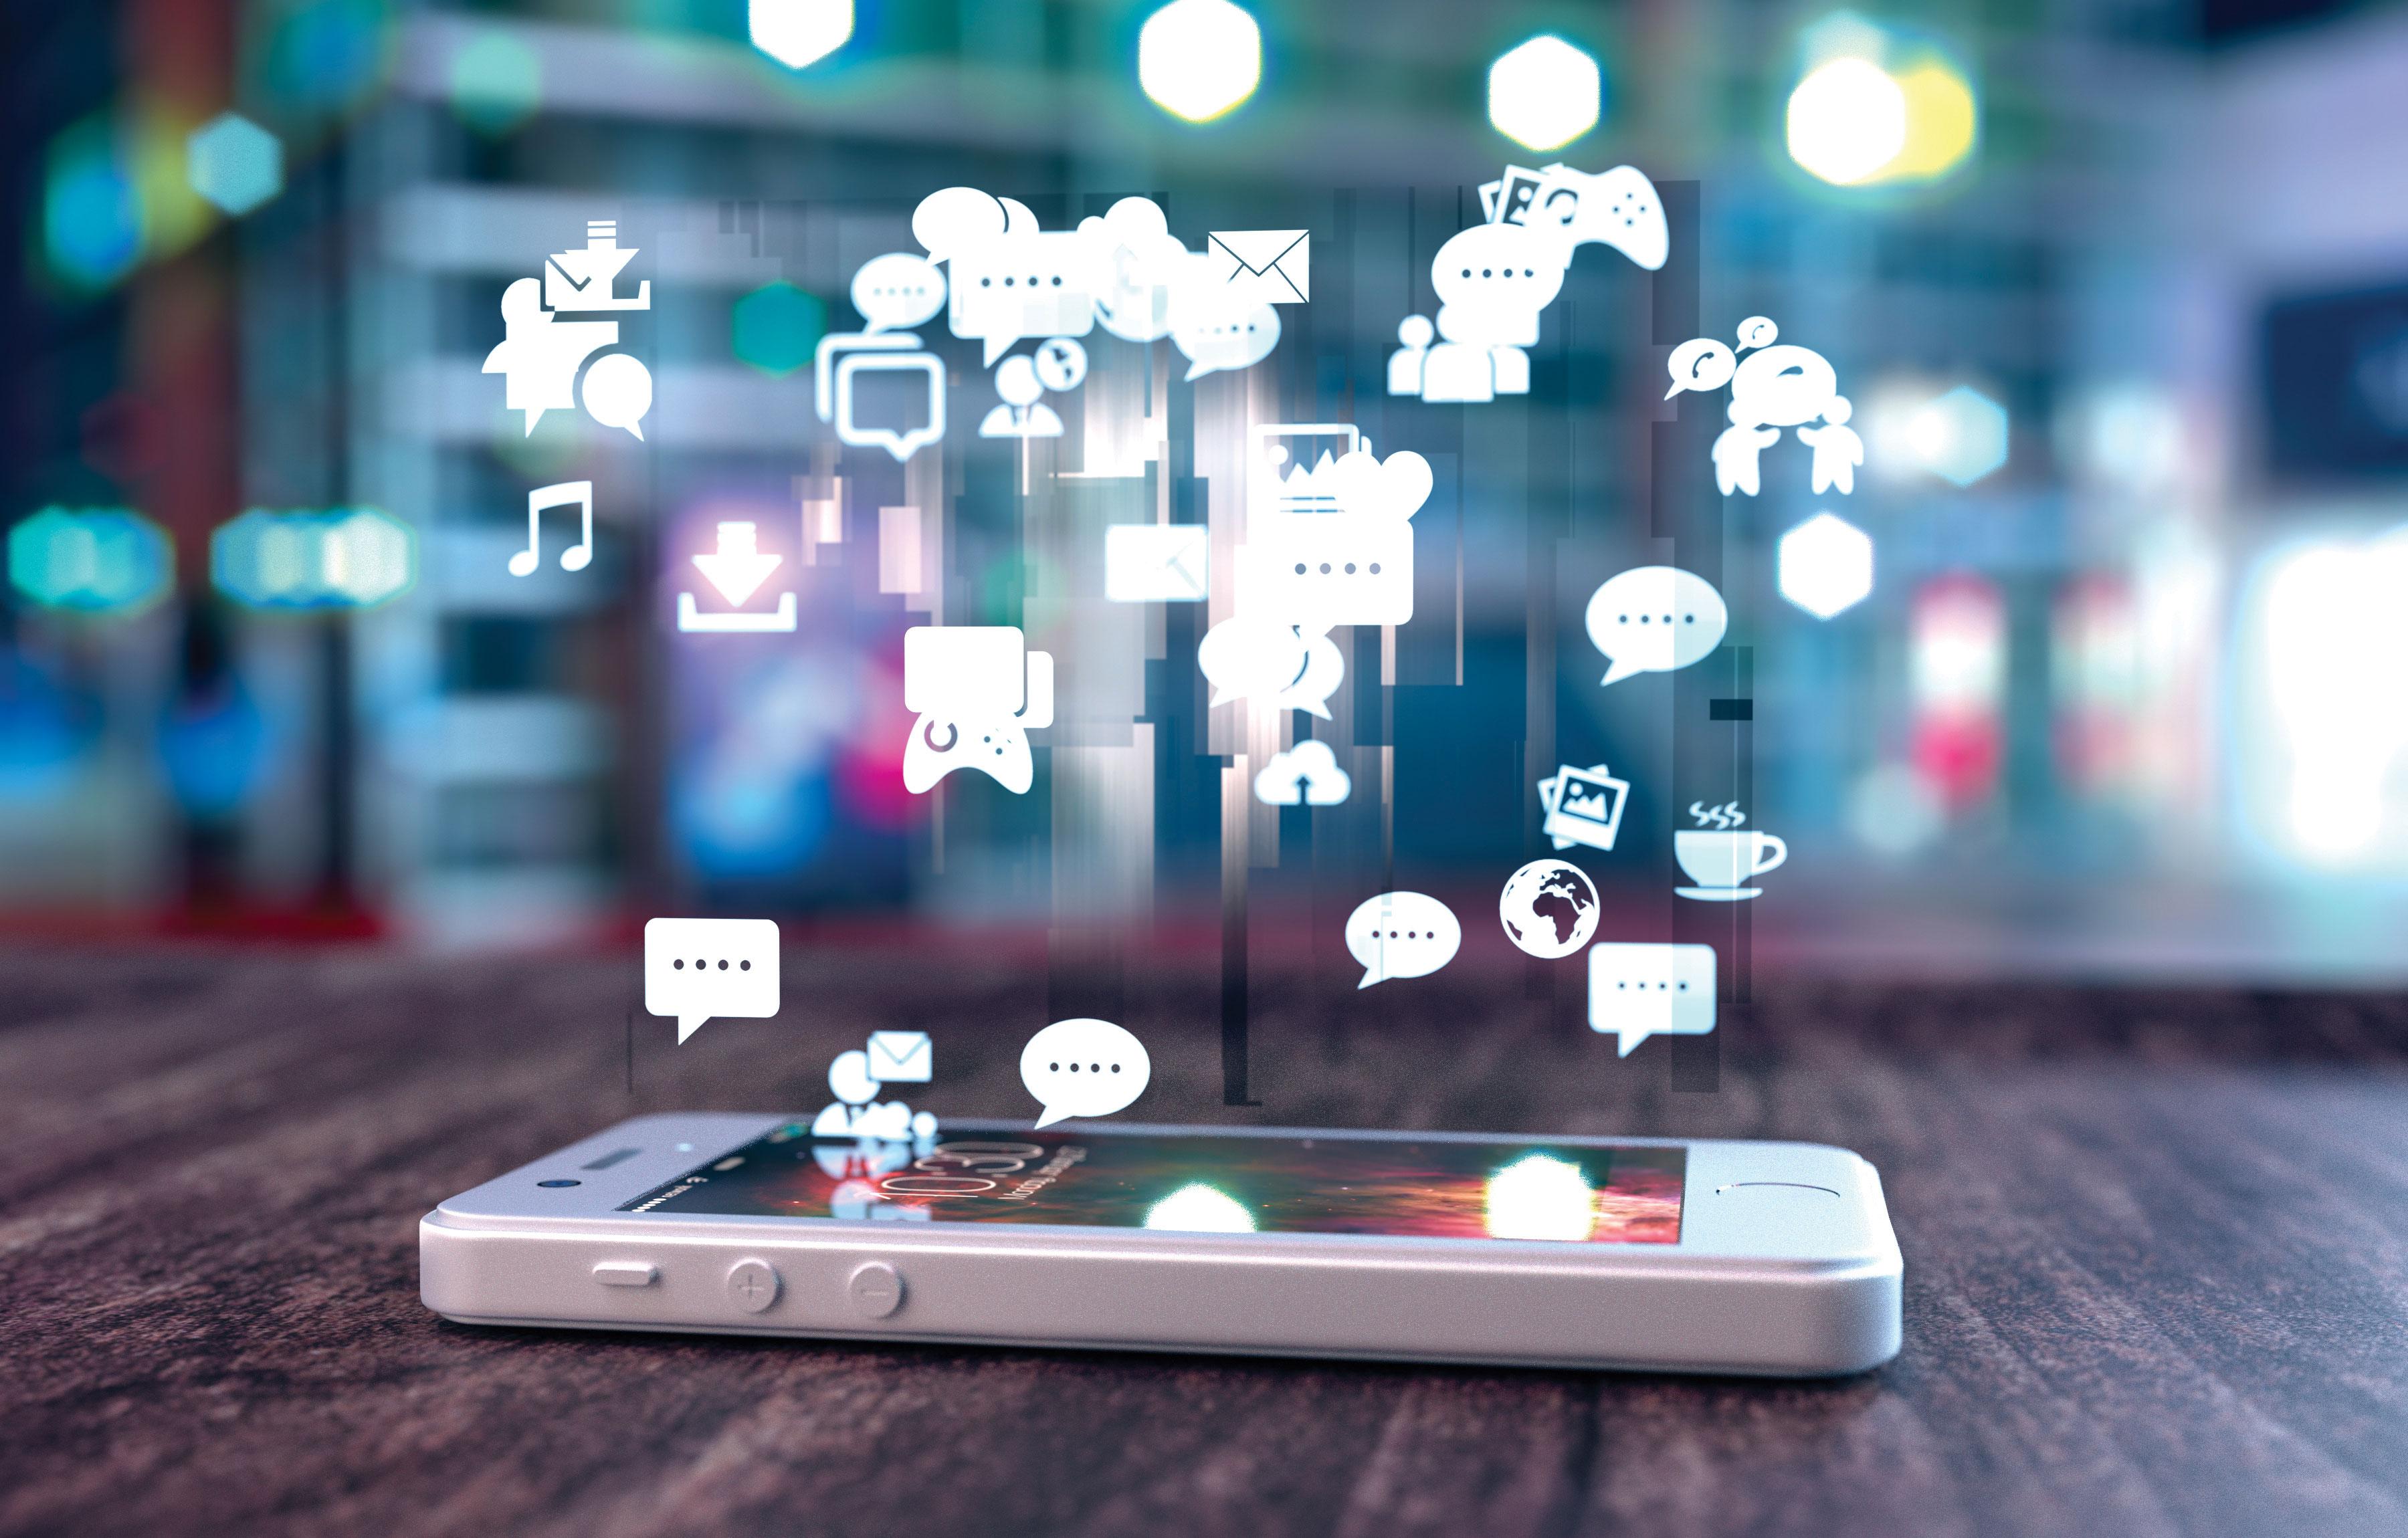 Trasformazione digitale offre opportunità nel lungo periodo